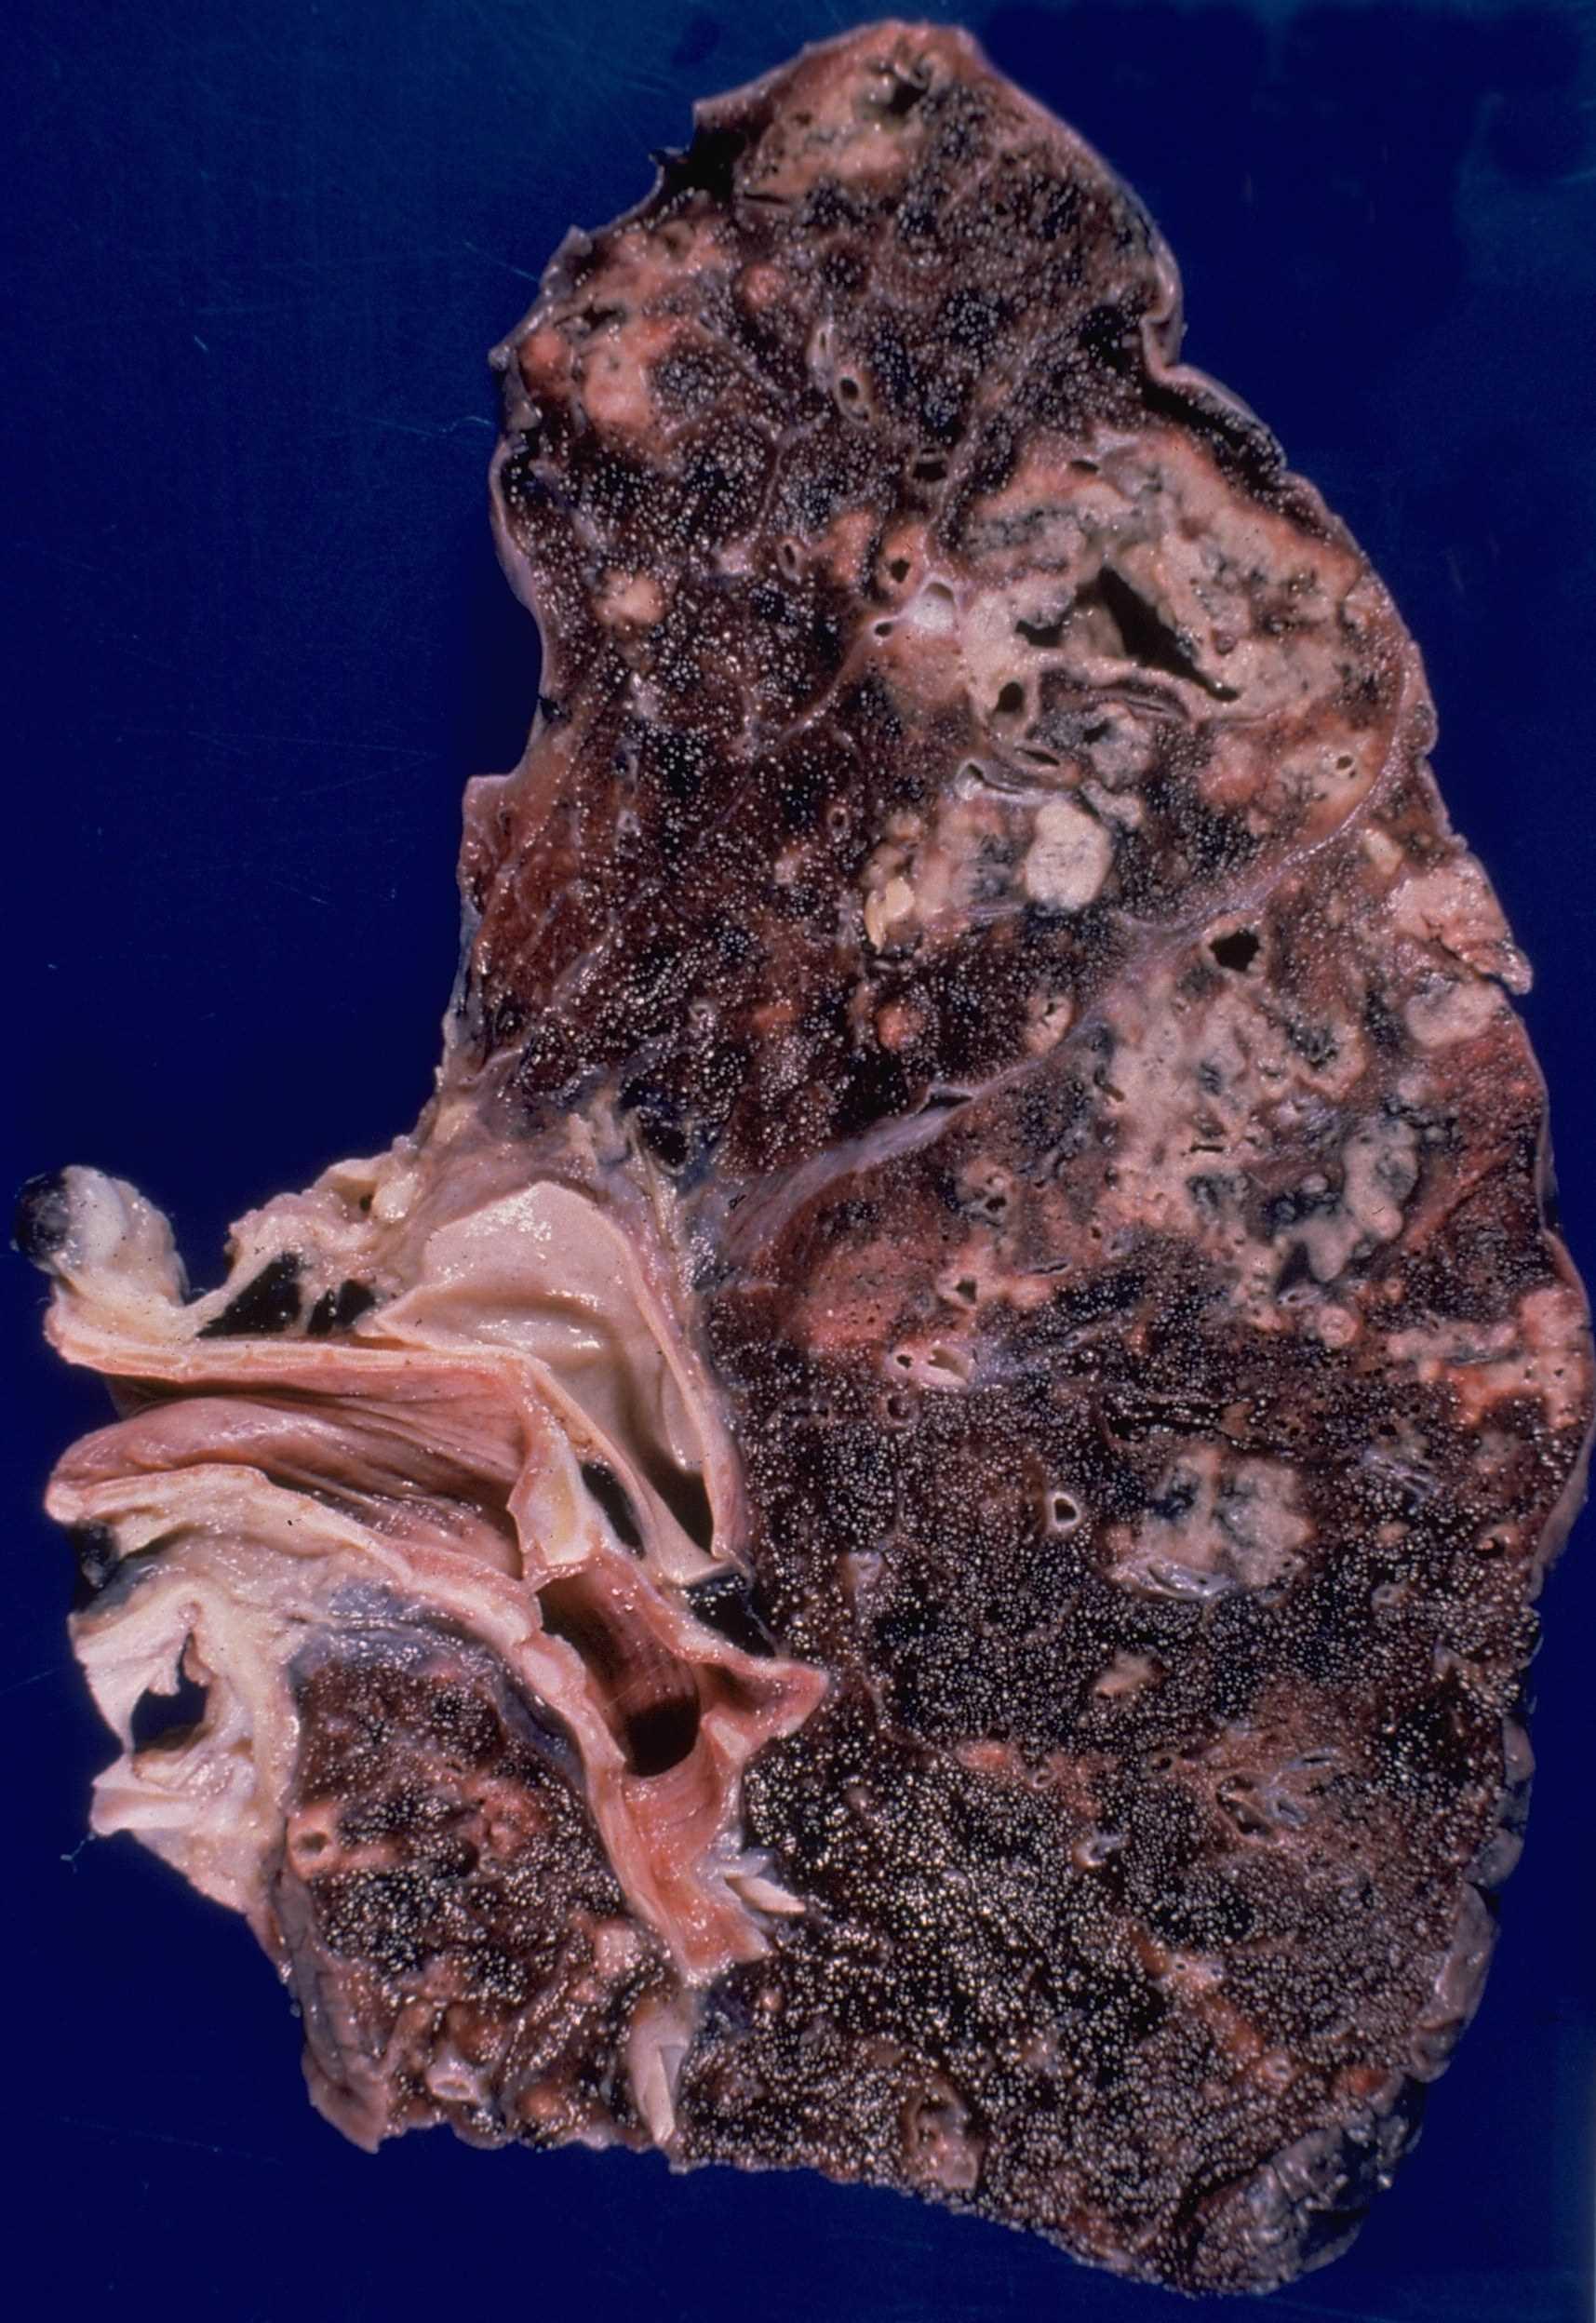 Pathology Images Gross Pathology Histopathology Histology